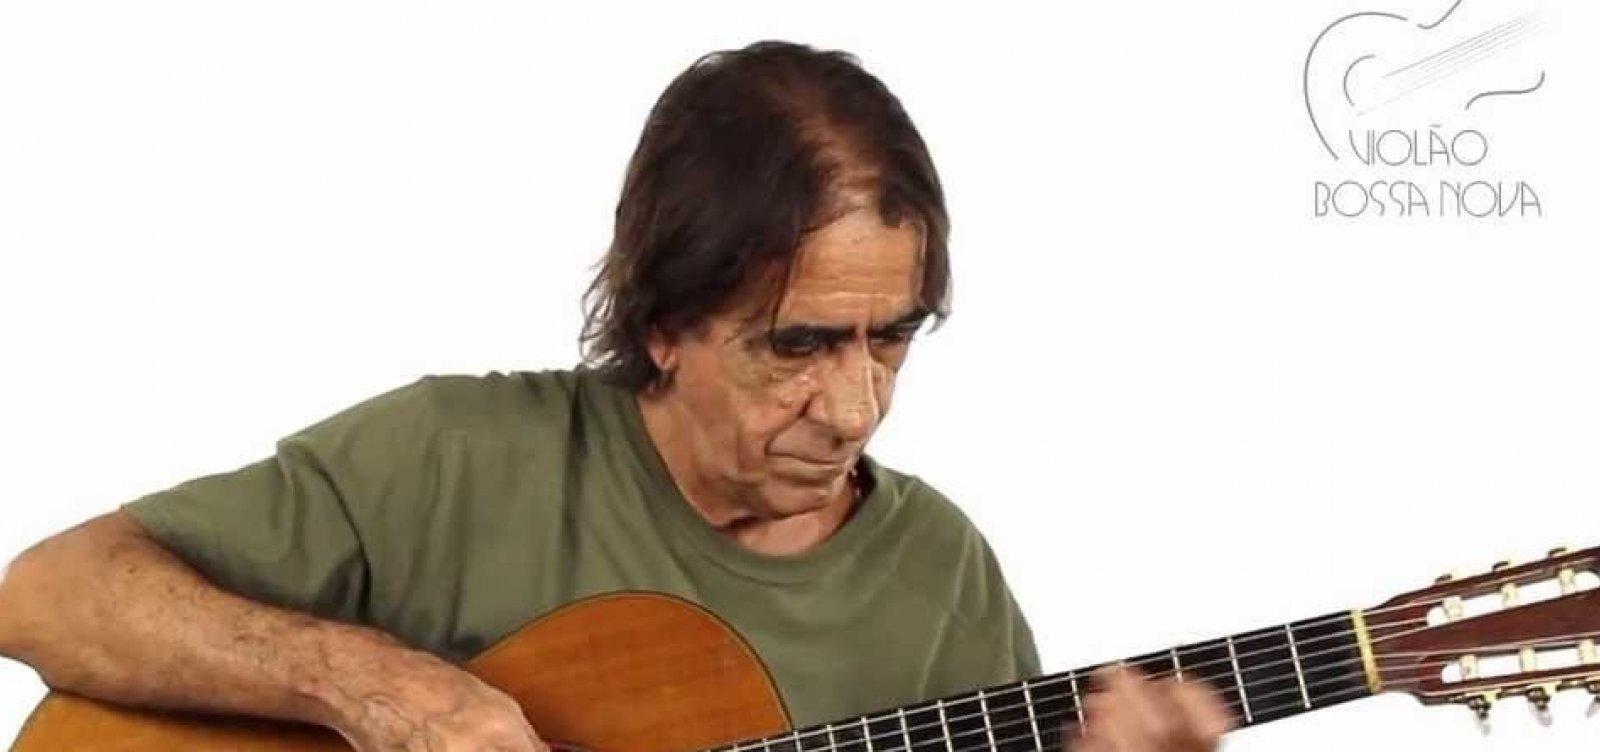 [Aderbal Duarte celebra 88 anos de João Gilberto com 'Segredos do Violão Bossa Nova']